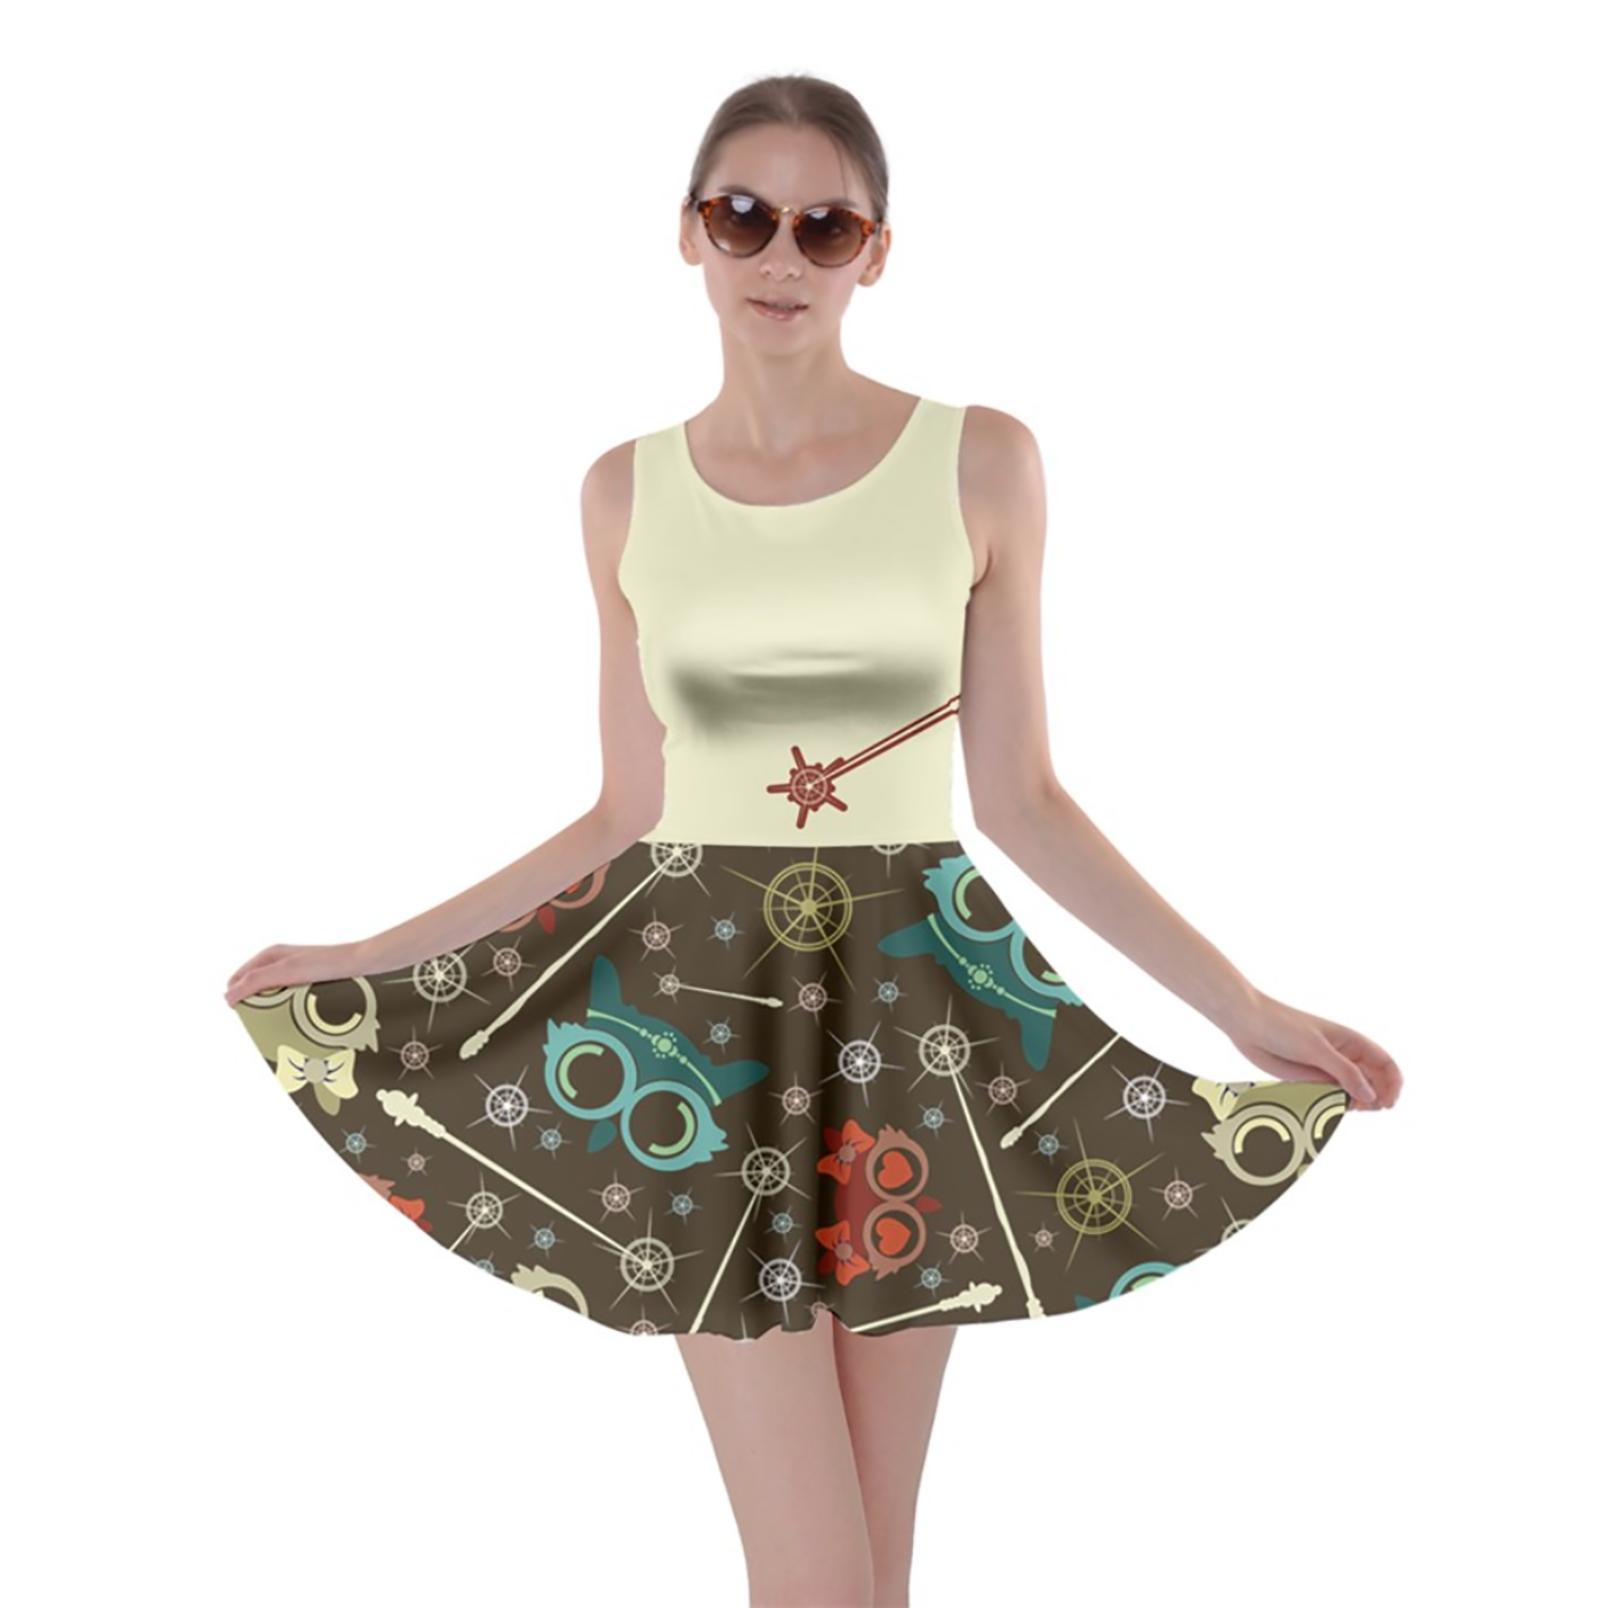 Vintage Emoji Owl Skater Dress (Light Top w/Red Wand, Patterned Bottom)